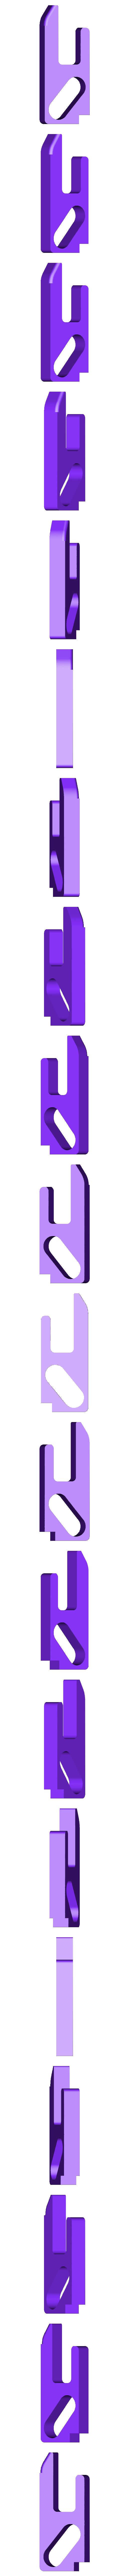 Button_Latch.stl Télécharger fichier STL gratuit Jouet de Noël • Design à imprimer en 3D, Jwoong